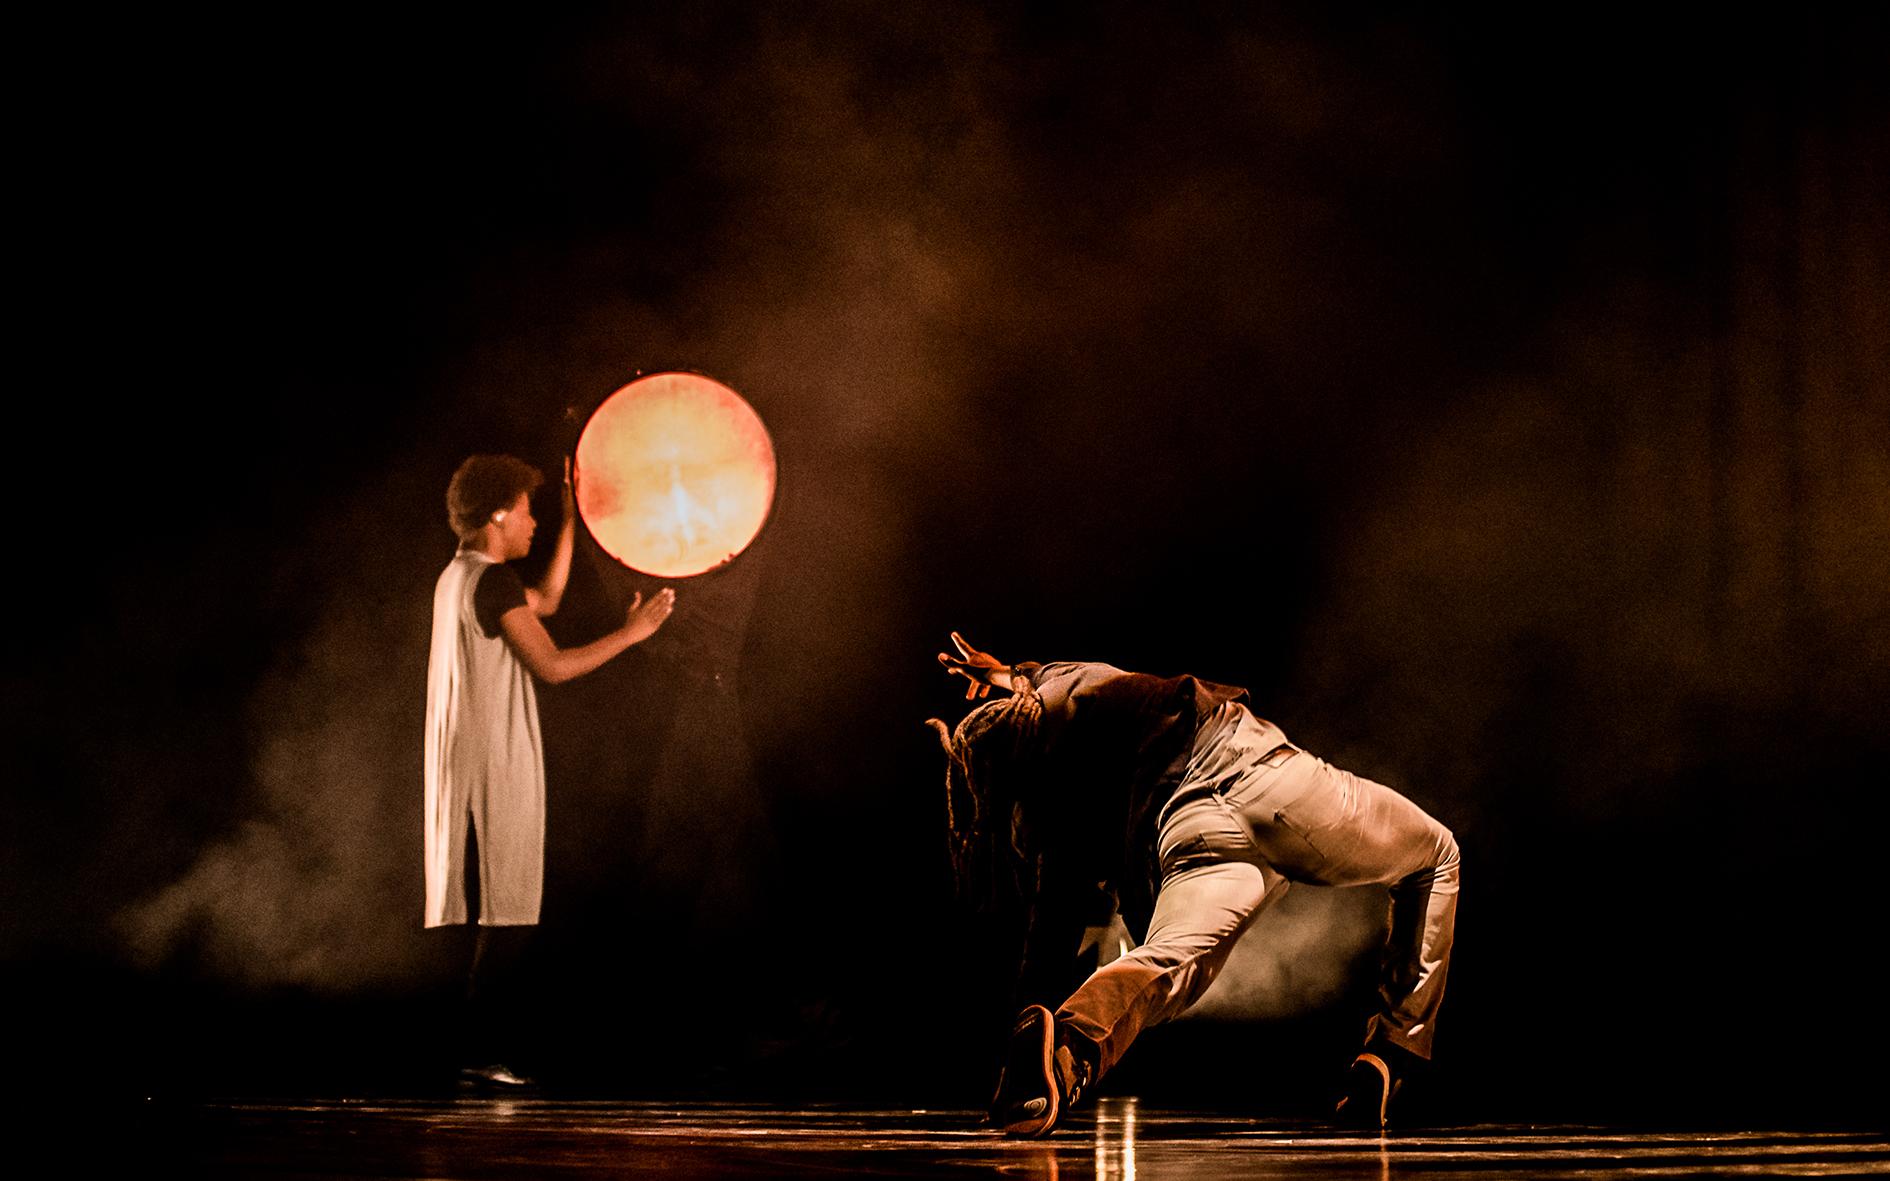 Nono Battesti au Festival d'Avignon 2018